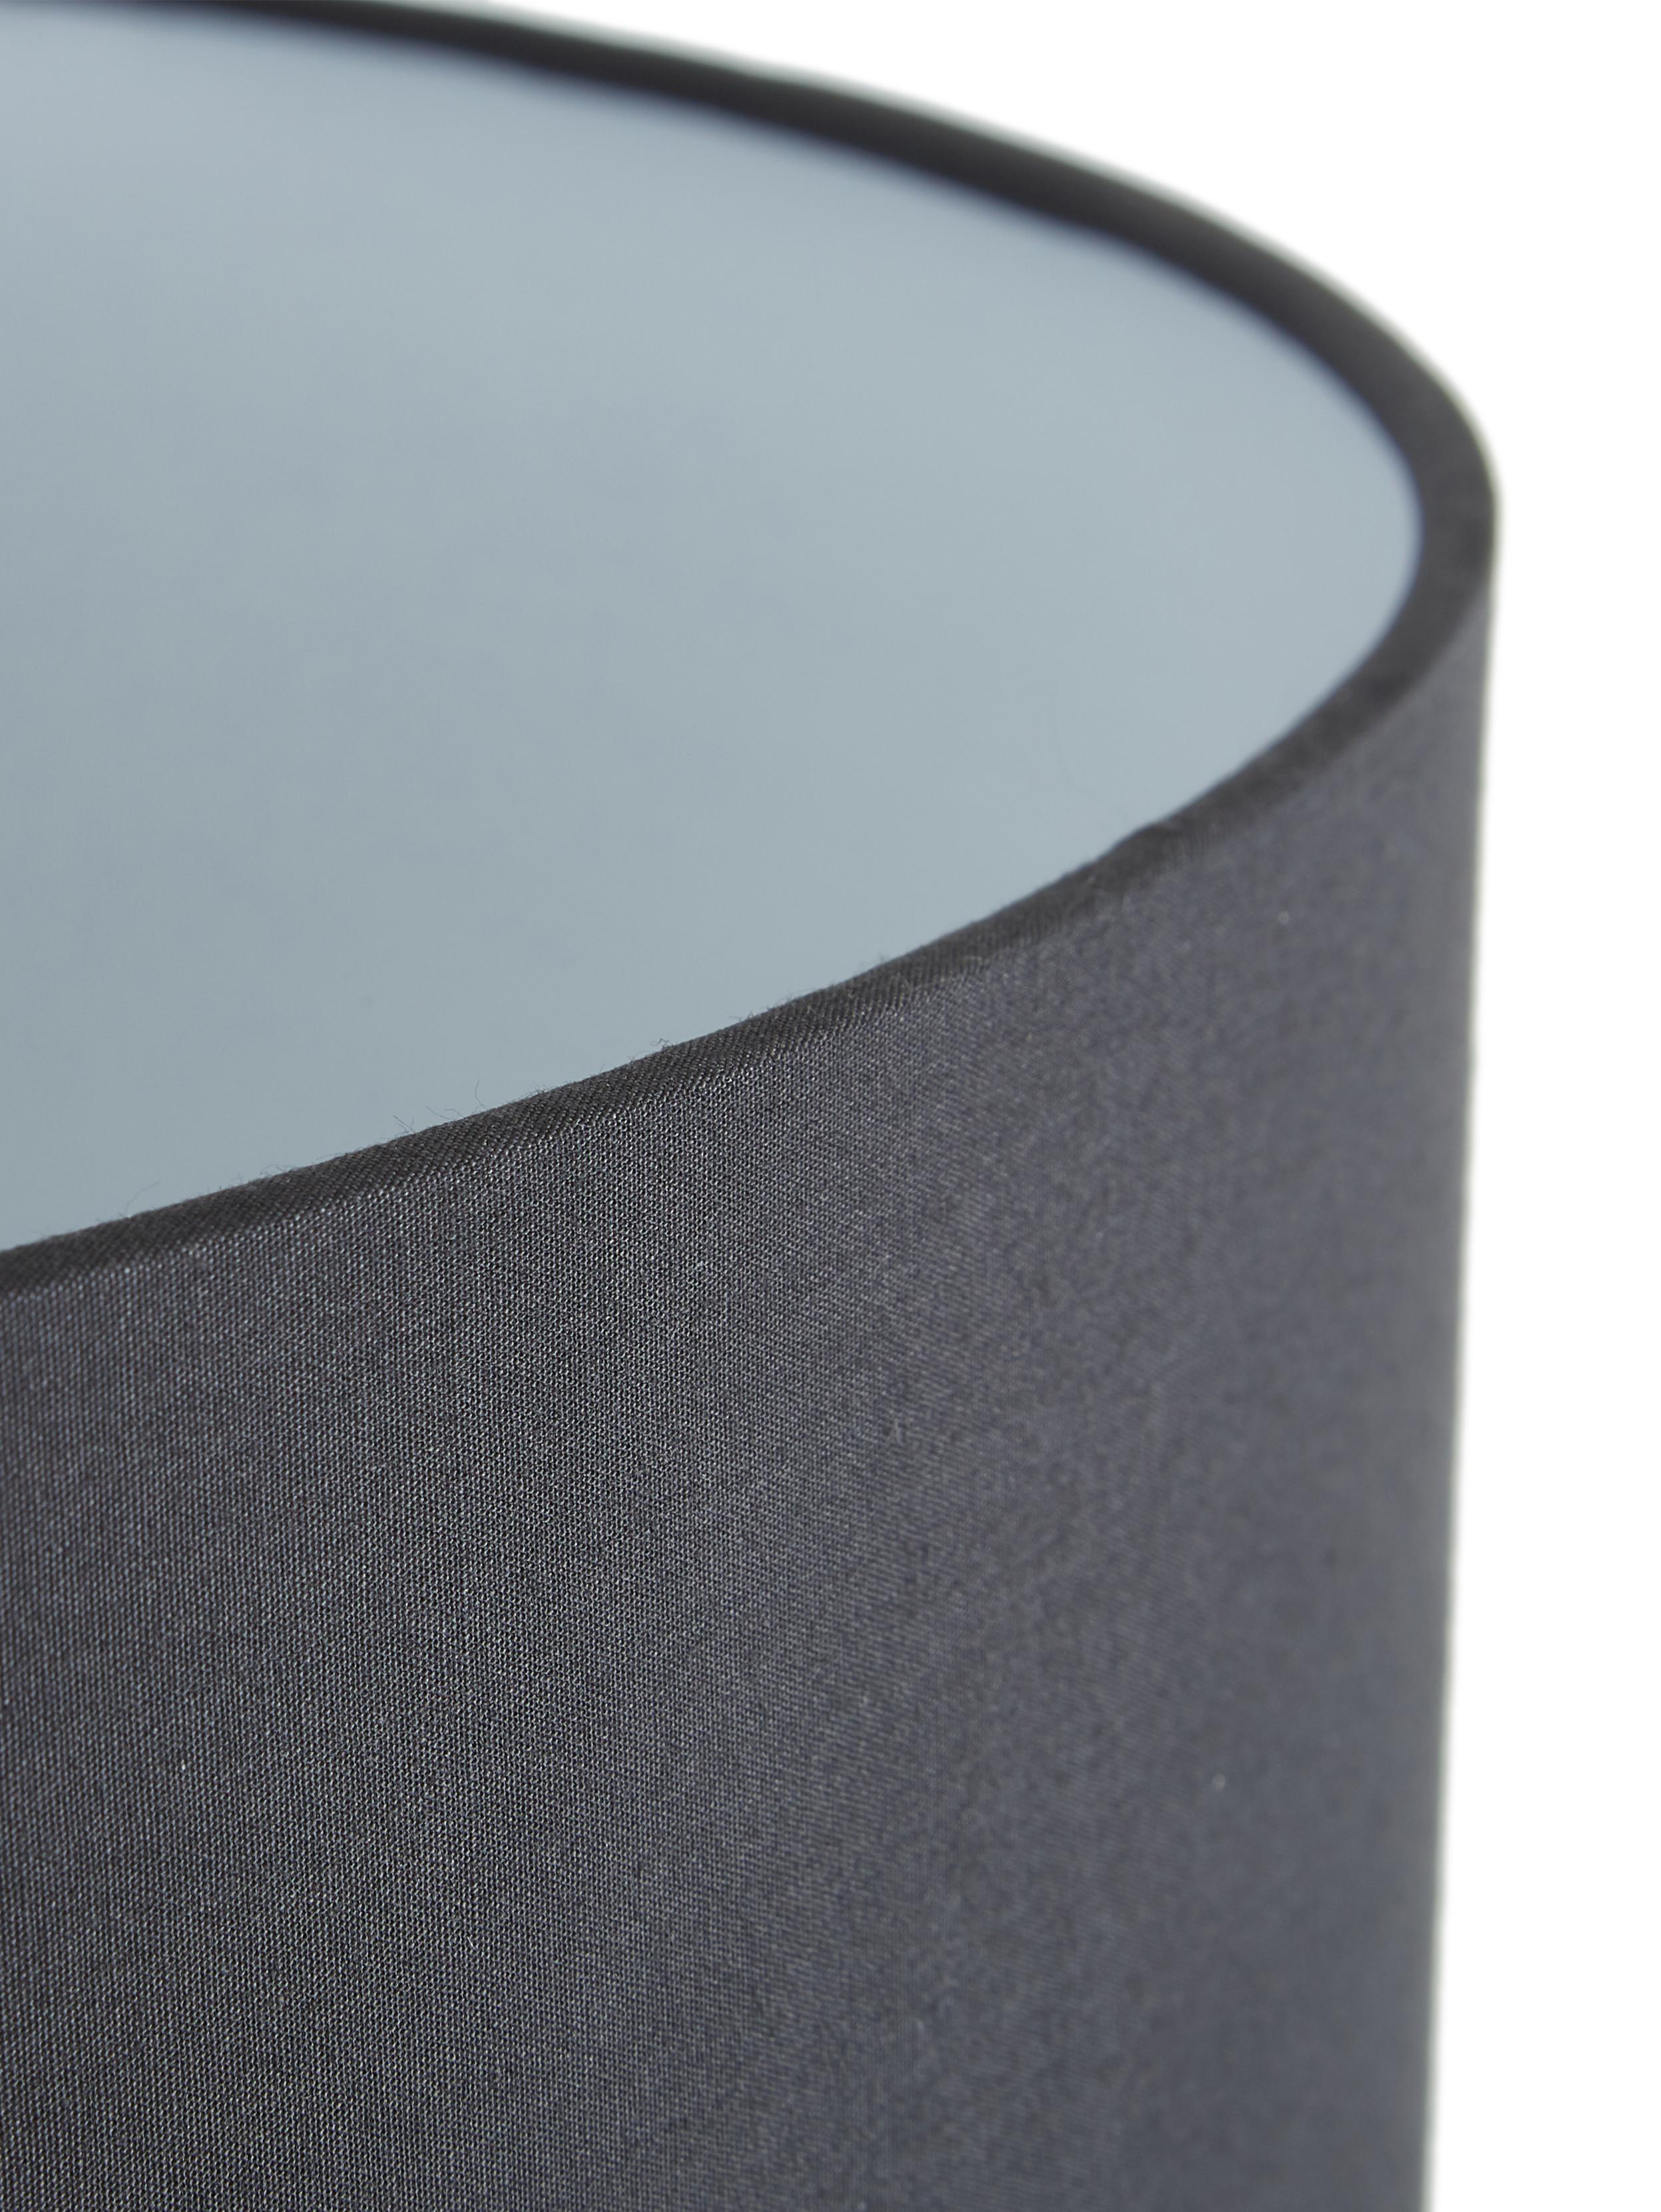 Lampada da terra Jake, Paralume: tessuto, Base della lampada: metallo verniciato a polv, Paralume: nero Base lampada: nero opaco, Ø 50 x Alt. 158 cm